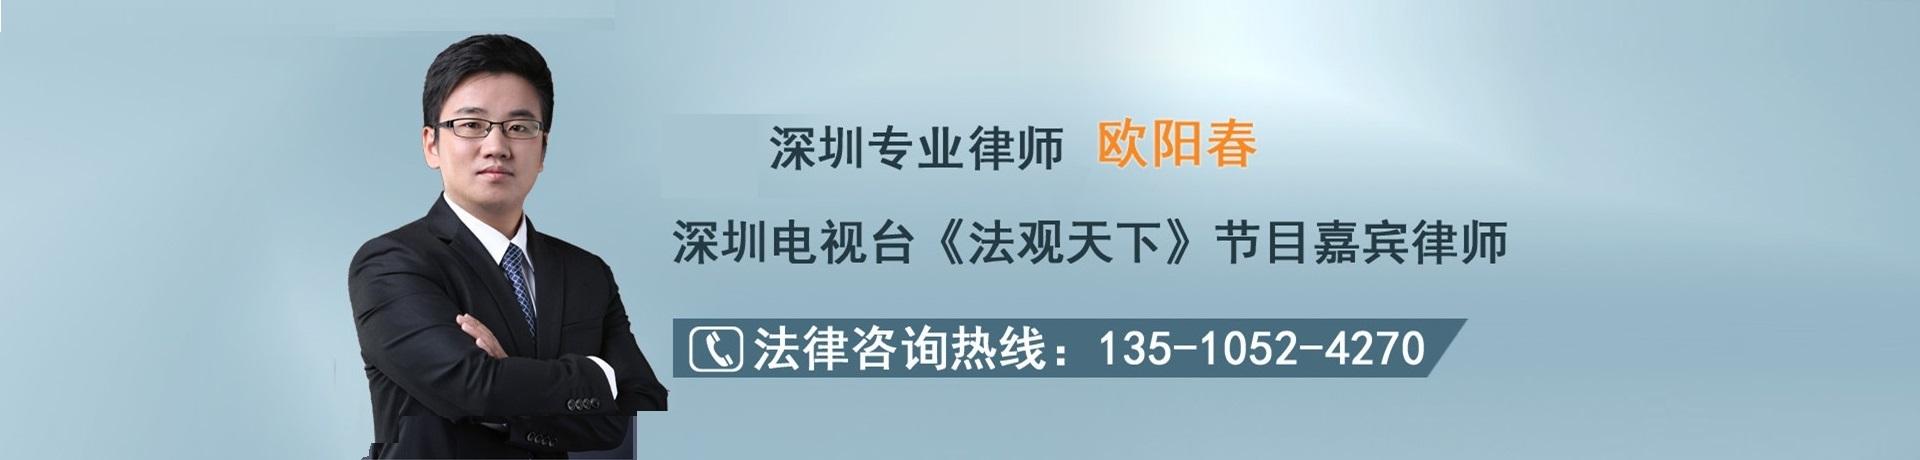 深圳商标律师大图二